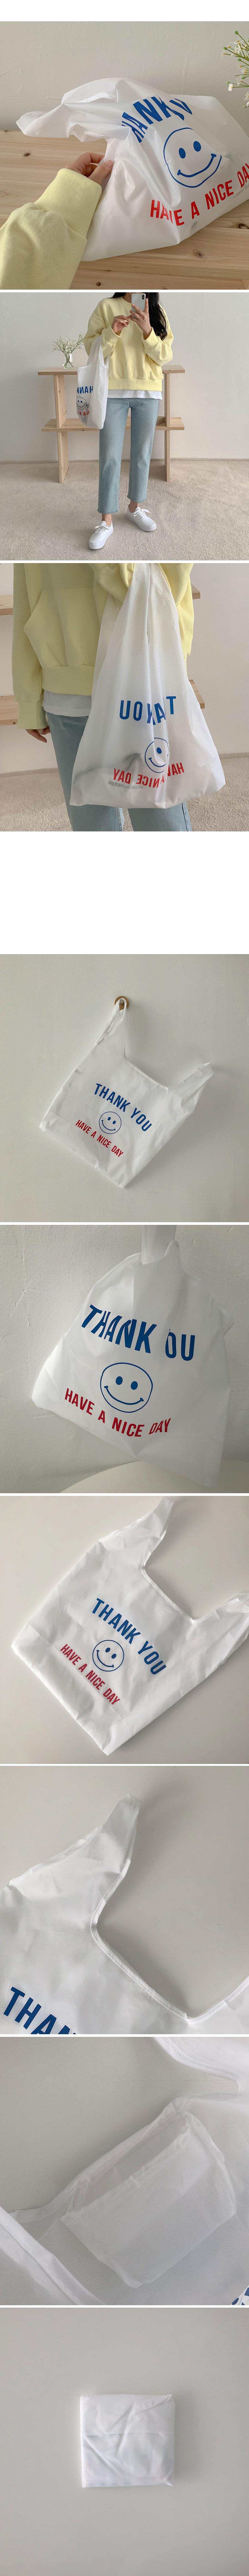 Smile Drink Bag